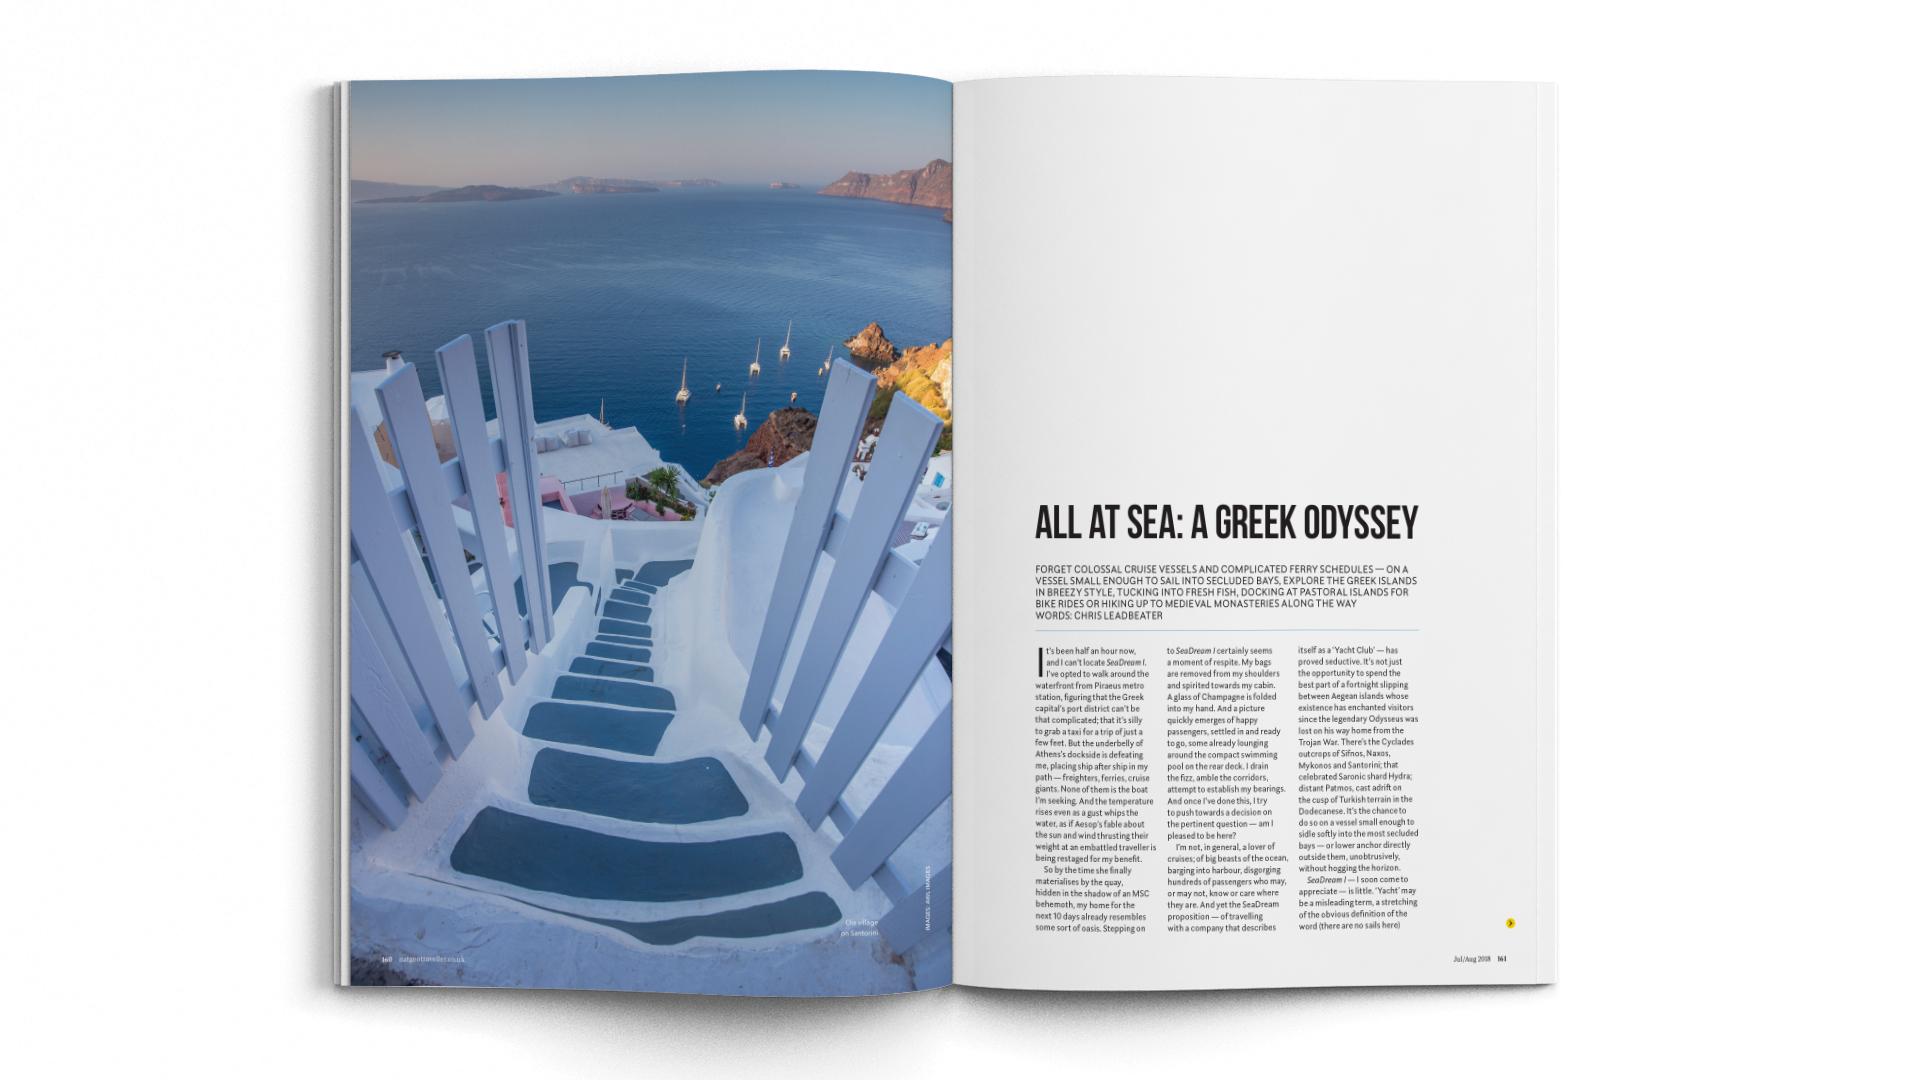 A4-Magazine-DPS-NGT-TT-Report-Greece-1